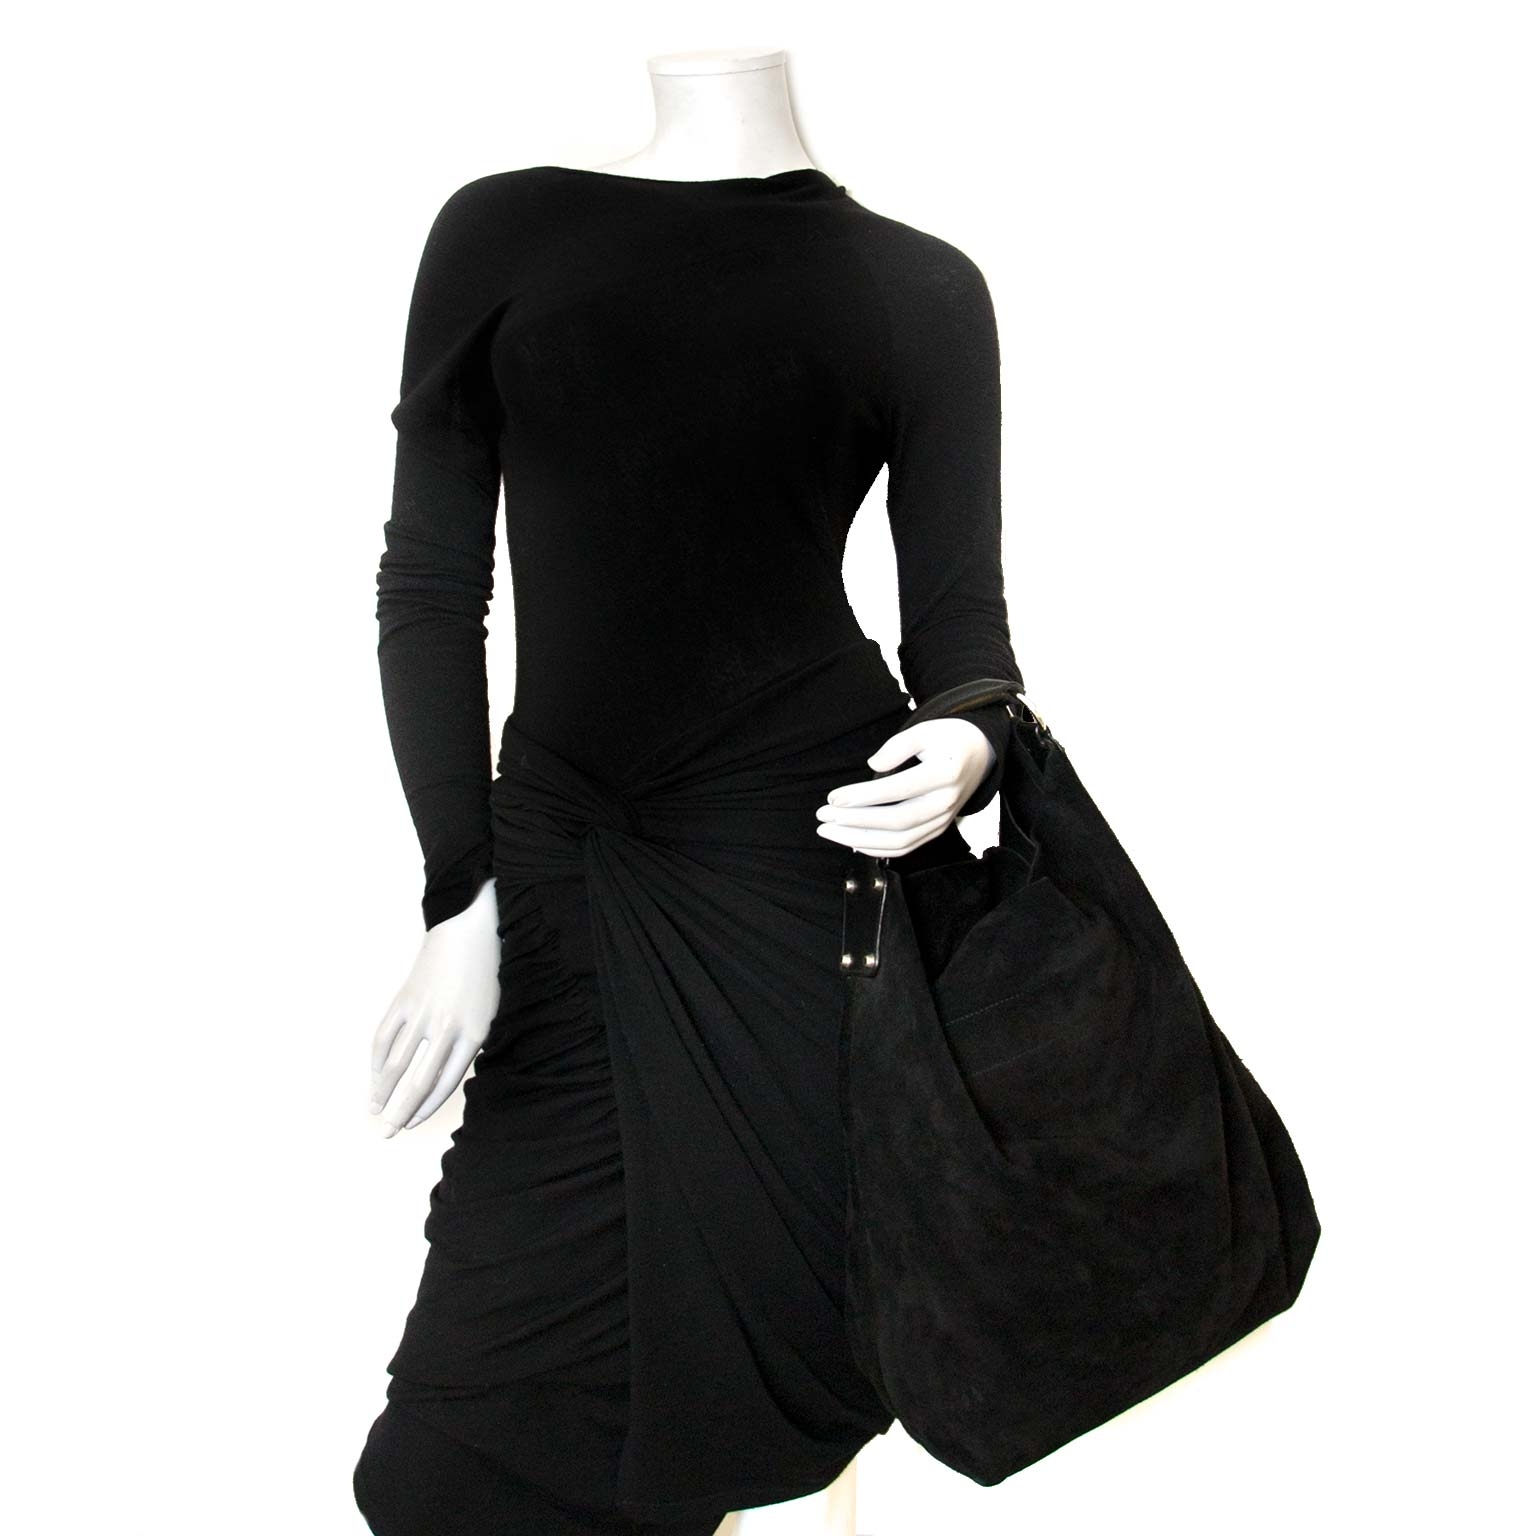 Koop belanciaga suede hobo tas nu online bij labellov vintage mode webshop